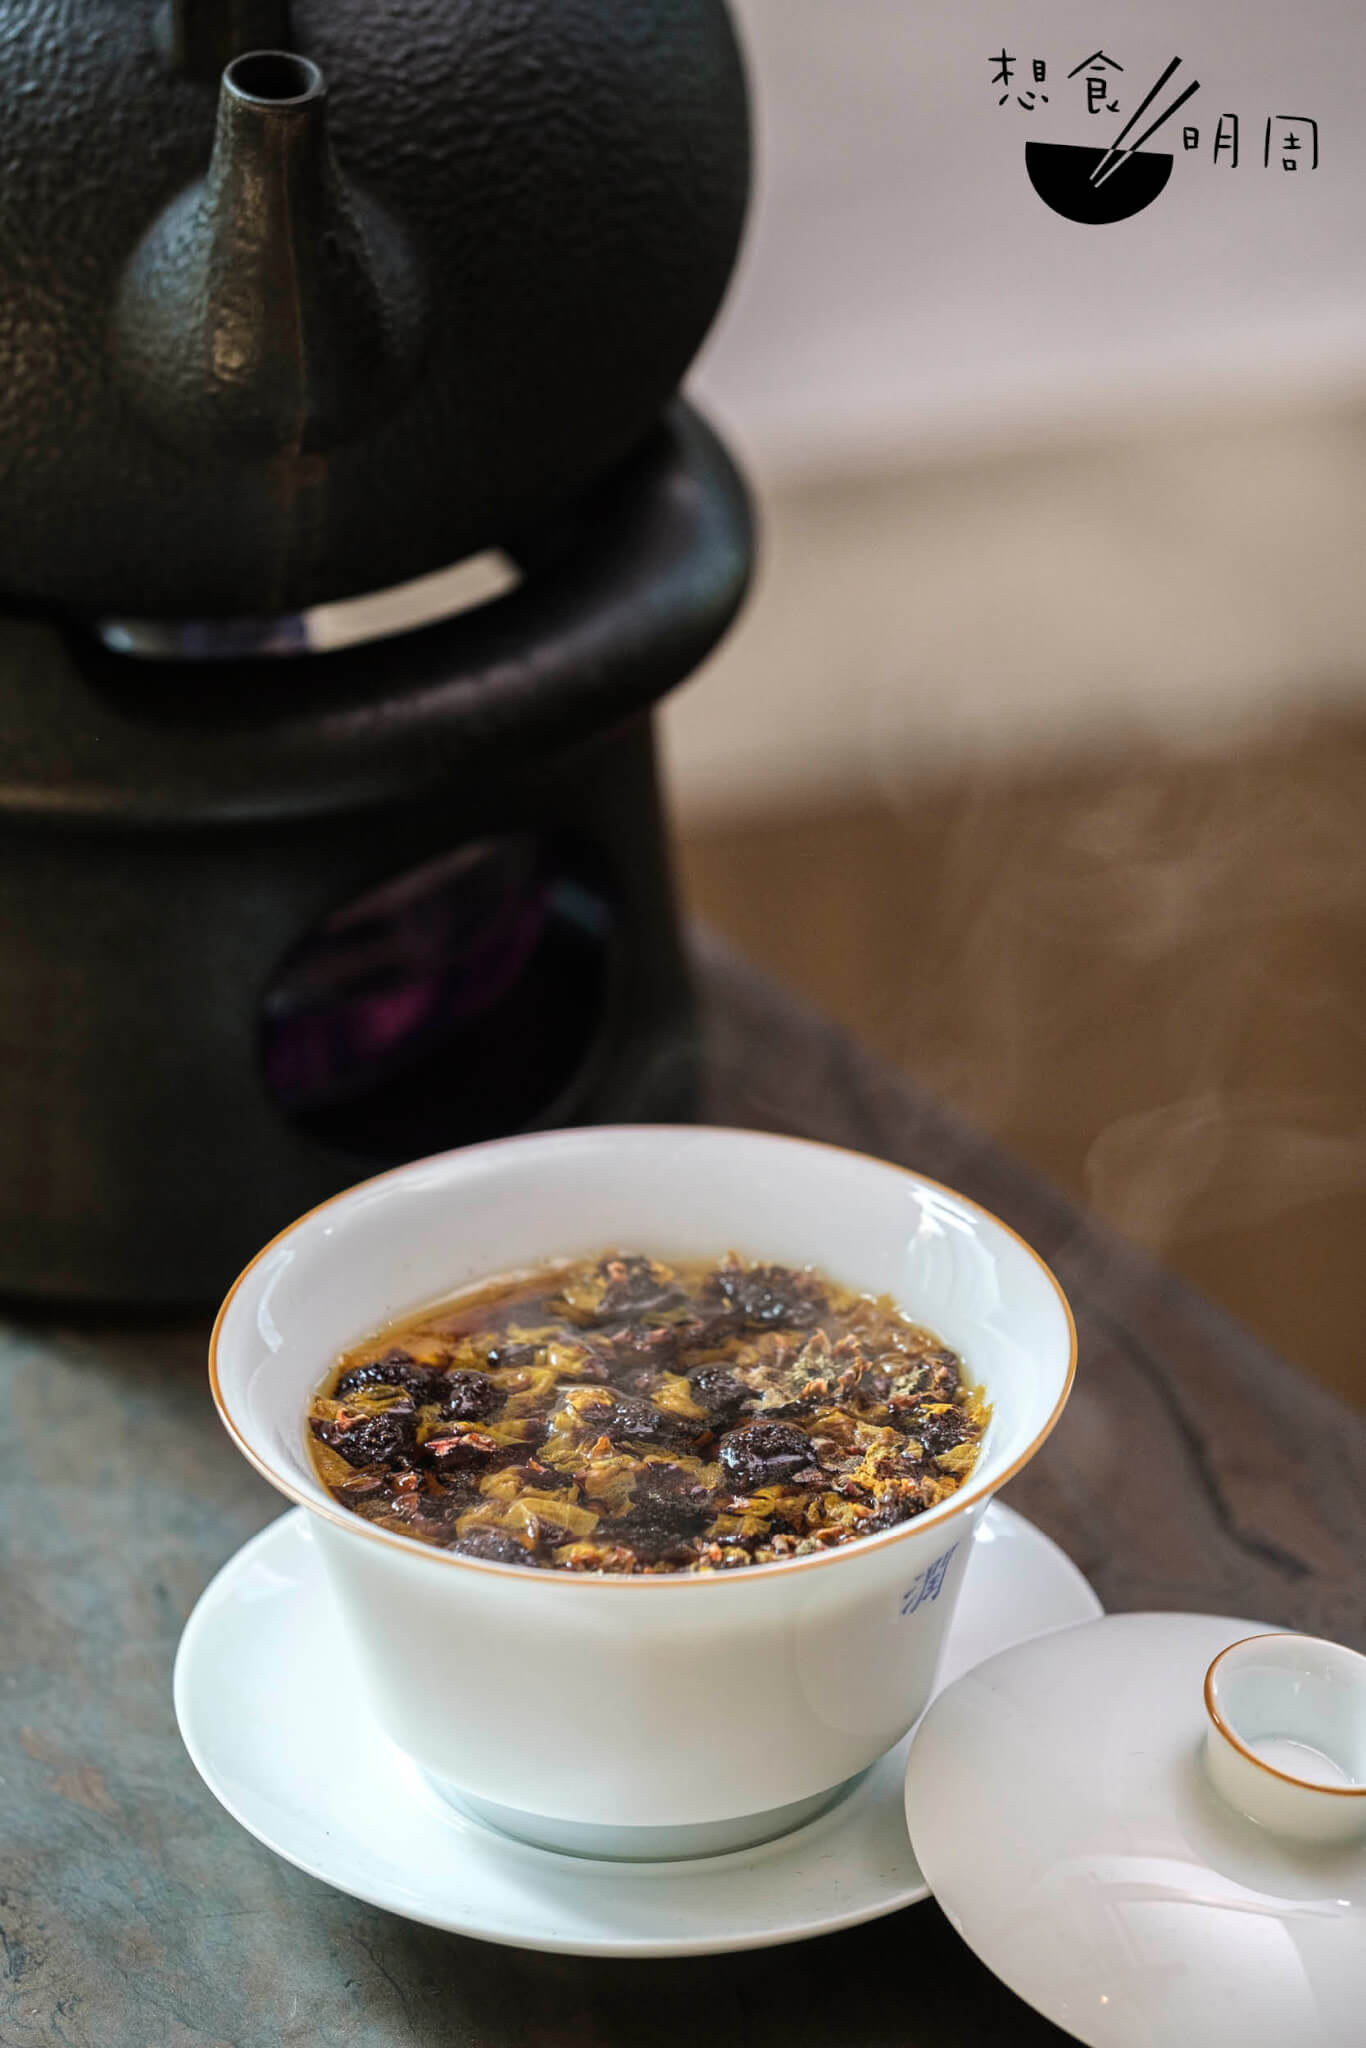 以蓋杯(又稱焗盅)泡焗崑崙雪菊,使茶湯中更顯濃色。記得沿杯邊定點注水,以免花芯、花瓣全都沖散,飲得一口都是碎末。焗一分鐘即可品飲。